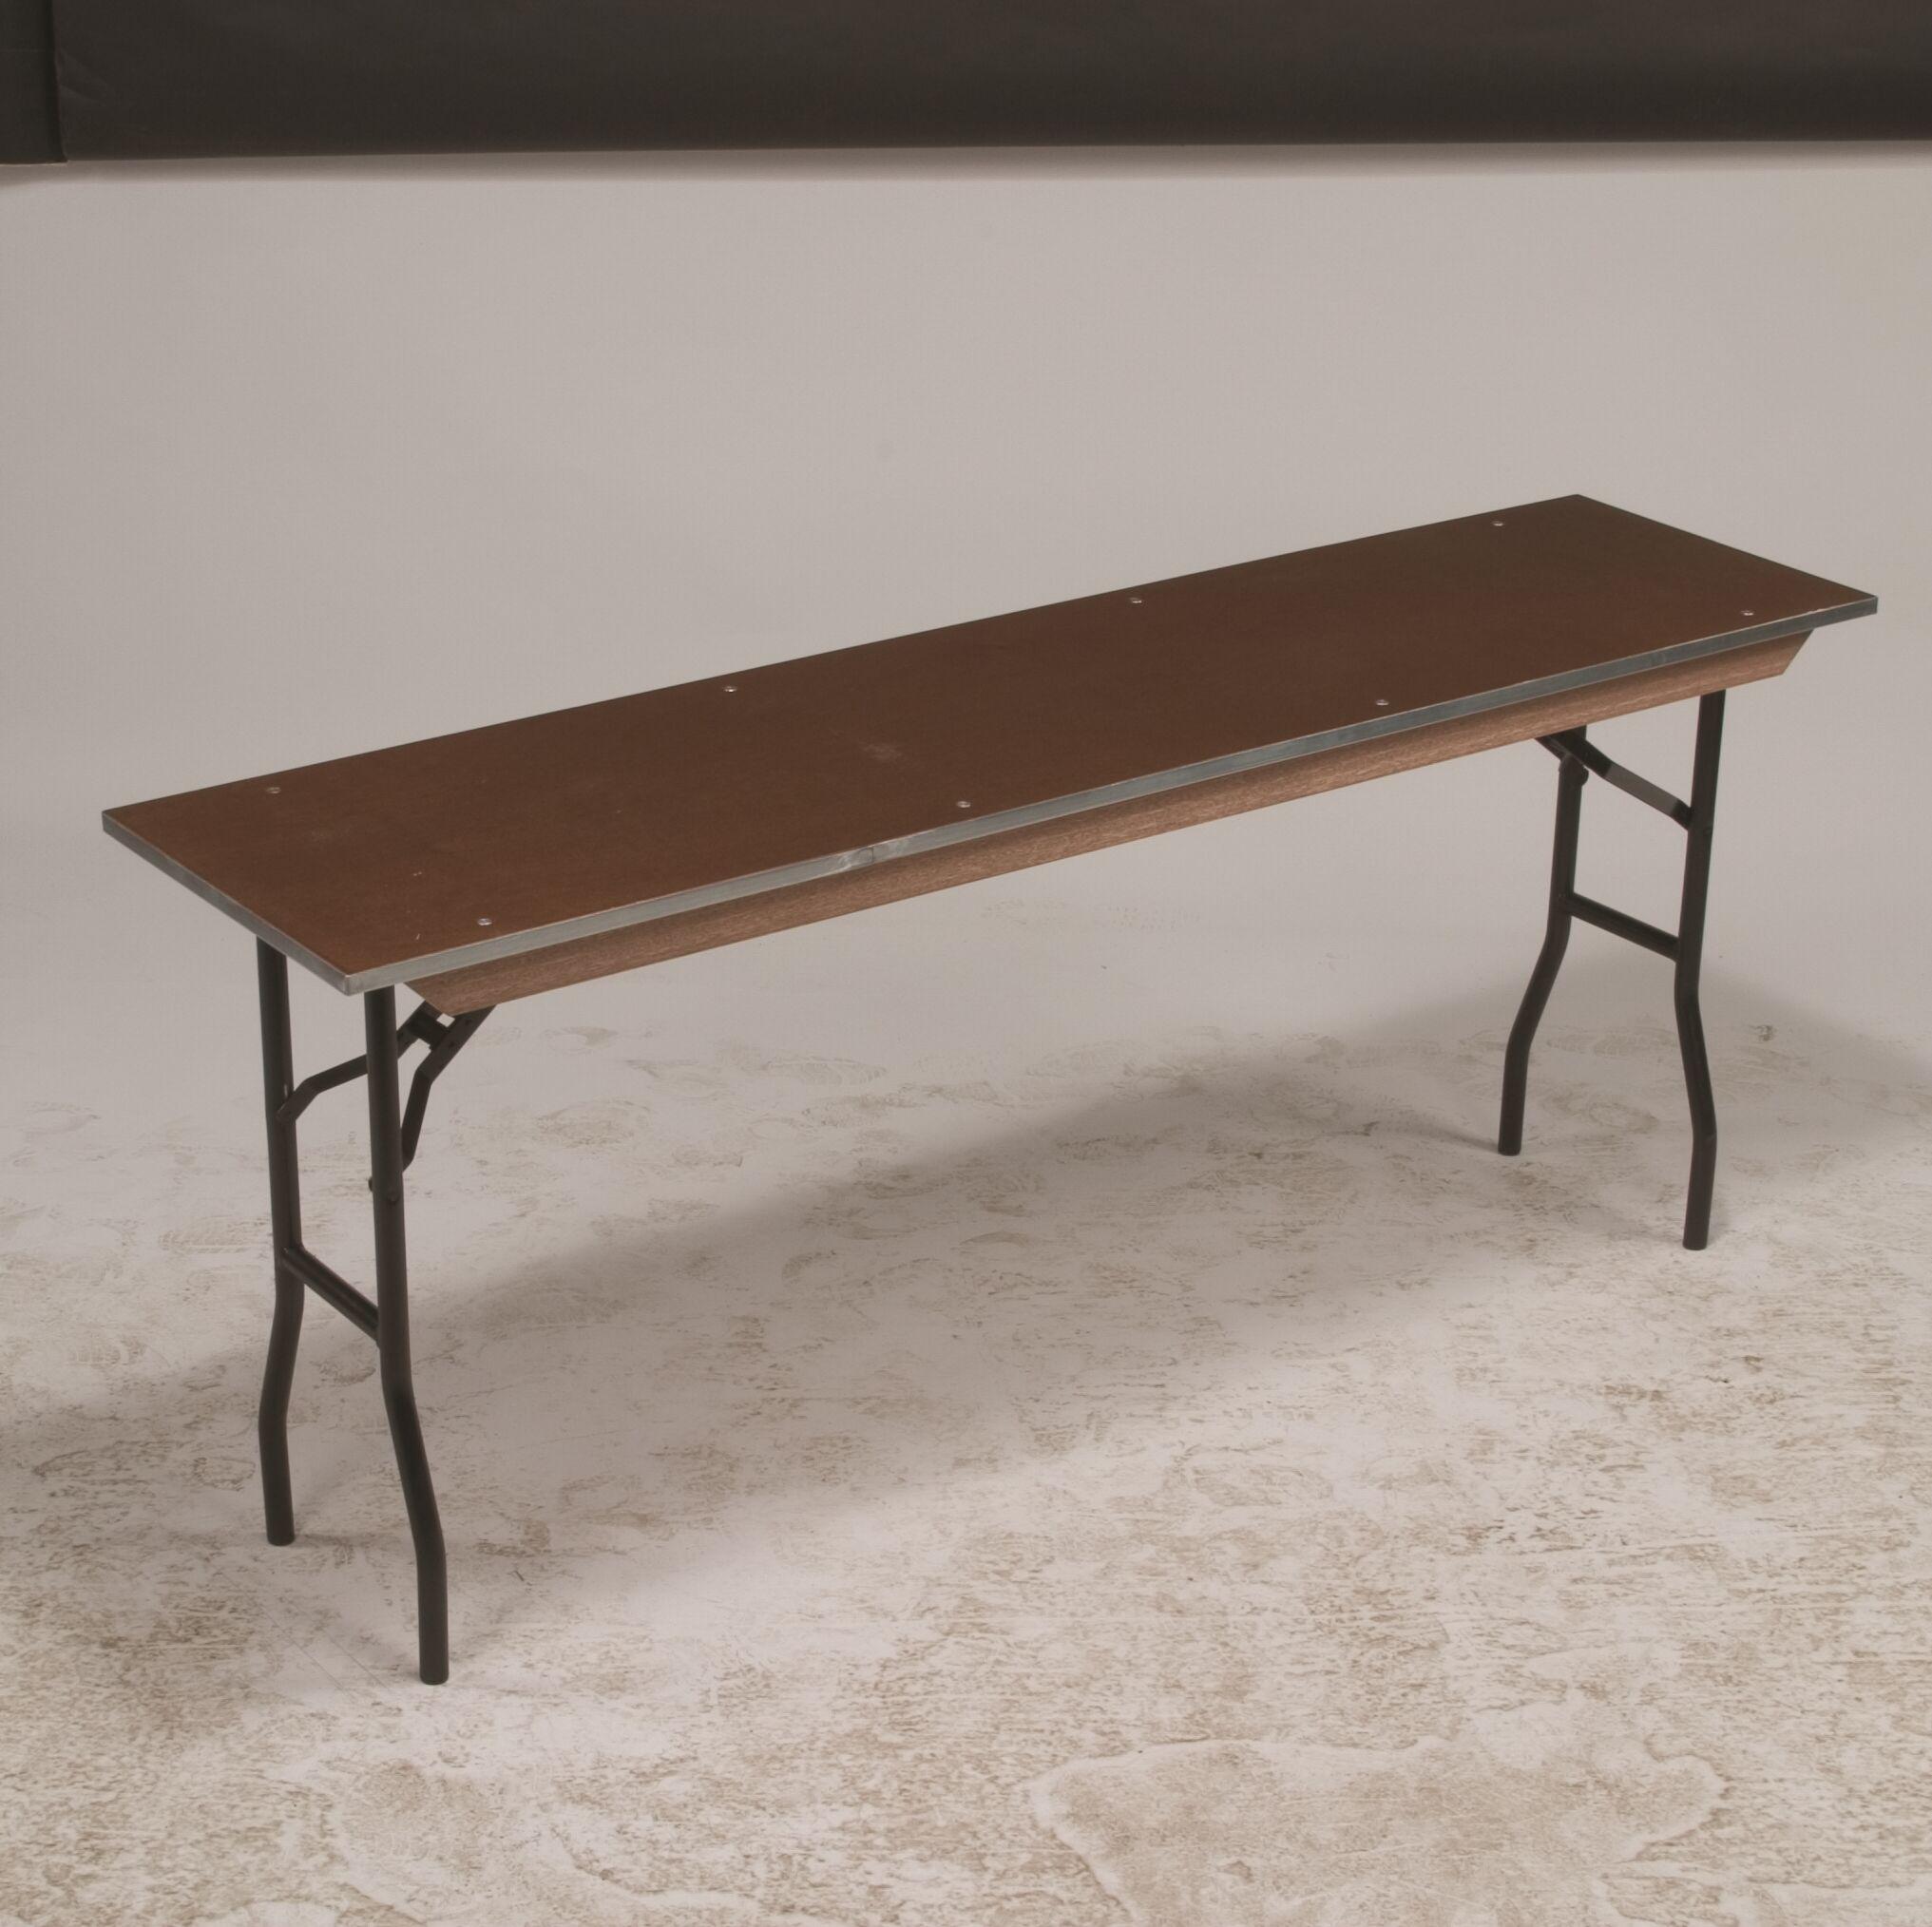 Rectangular Conference Table Base Finish: Black, Size: 30